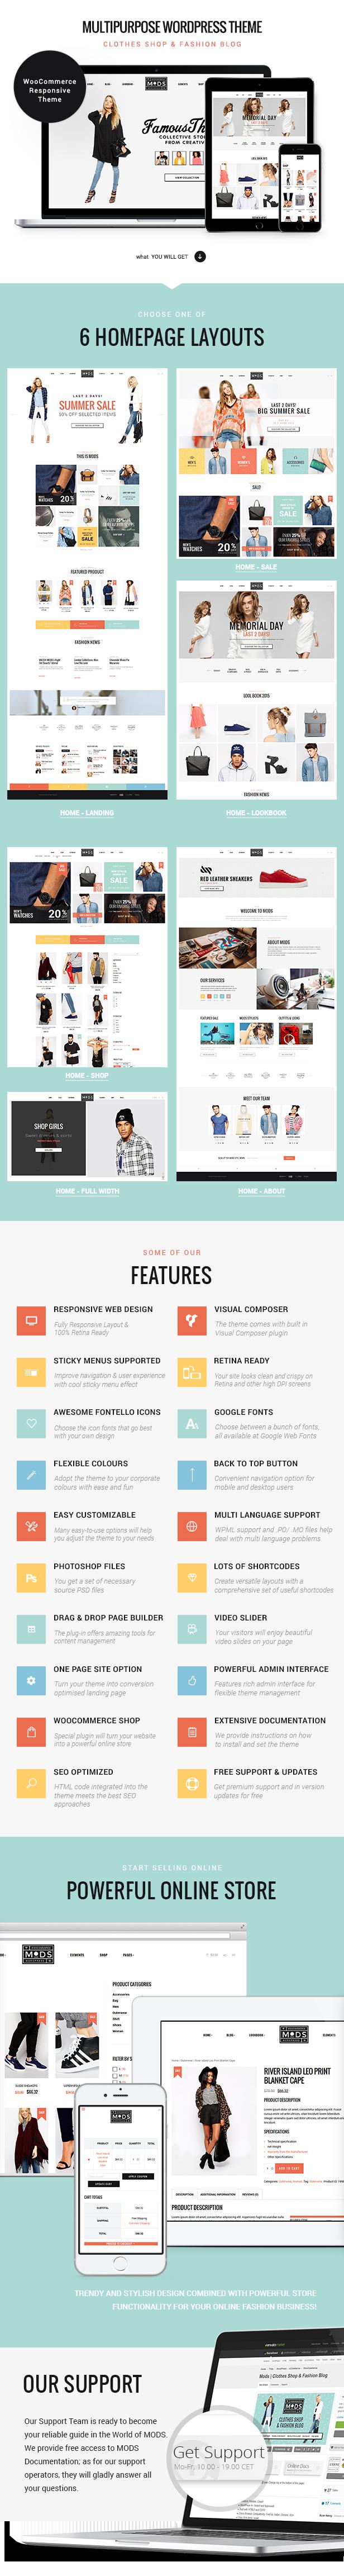 Mods | Eine stilvolle Kleidung Shop & Fashion Blog WordPress Vorlage